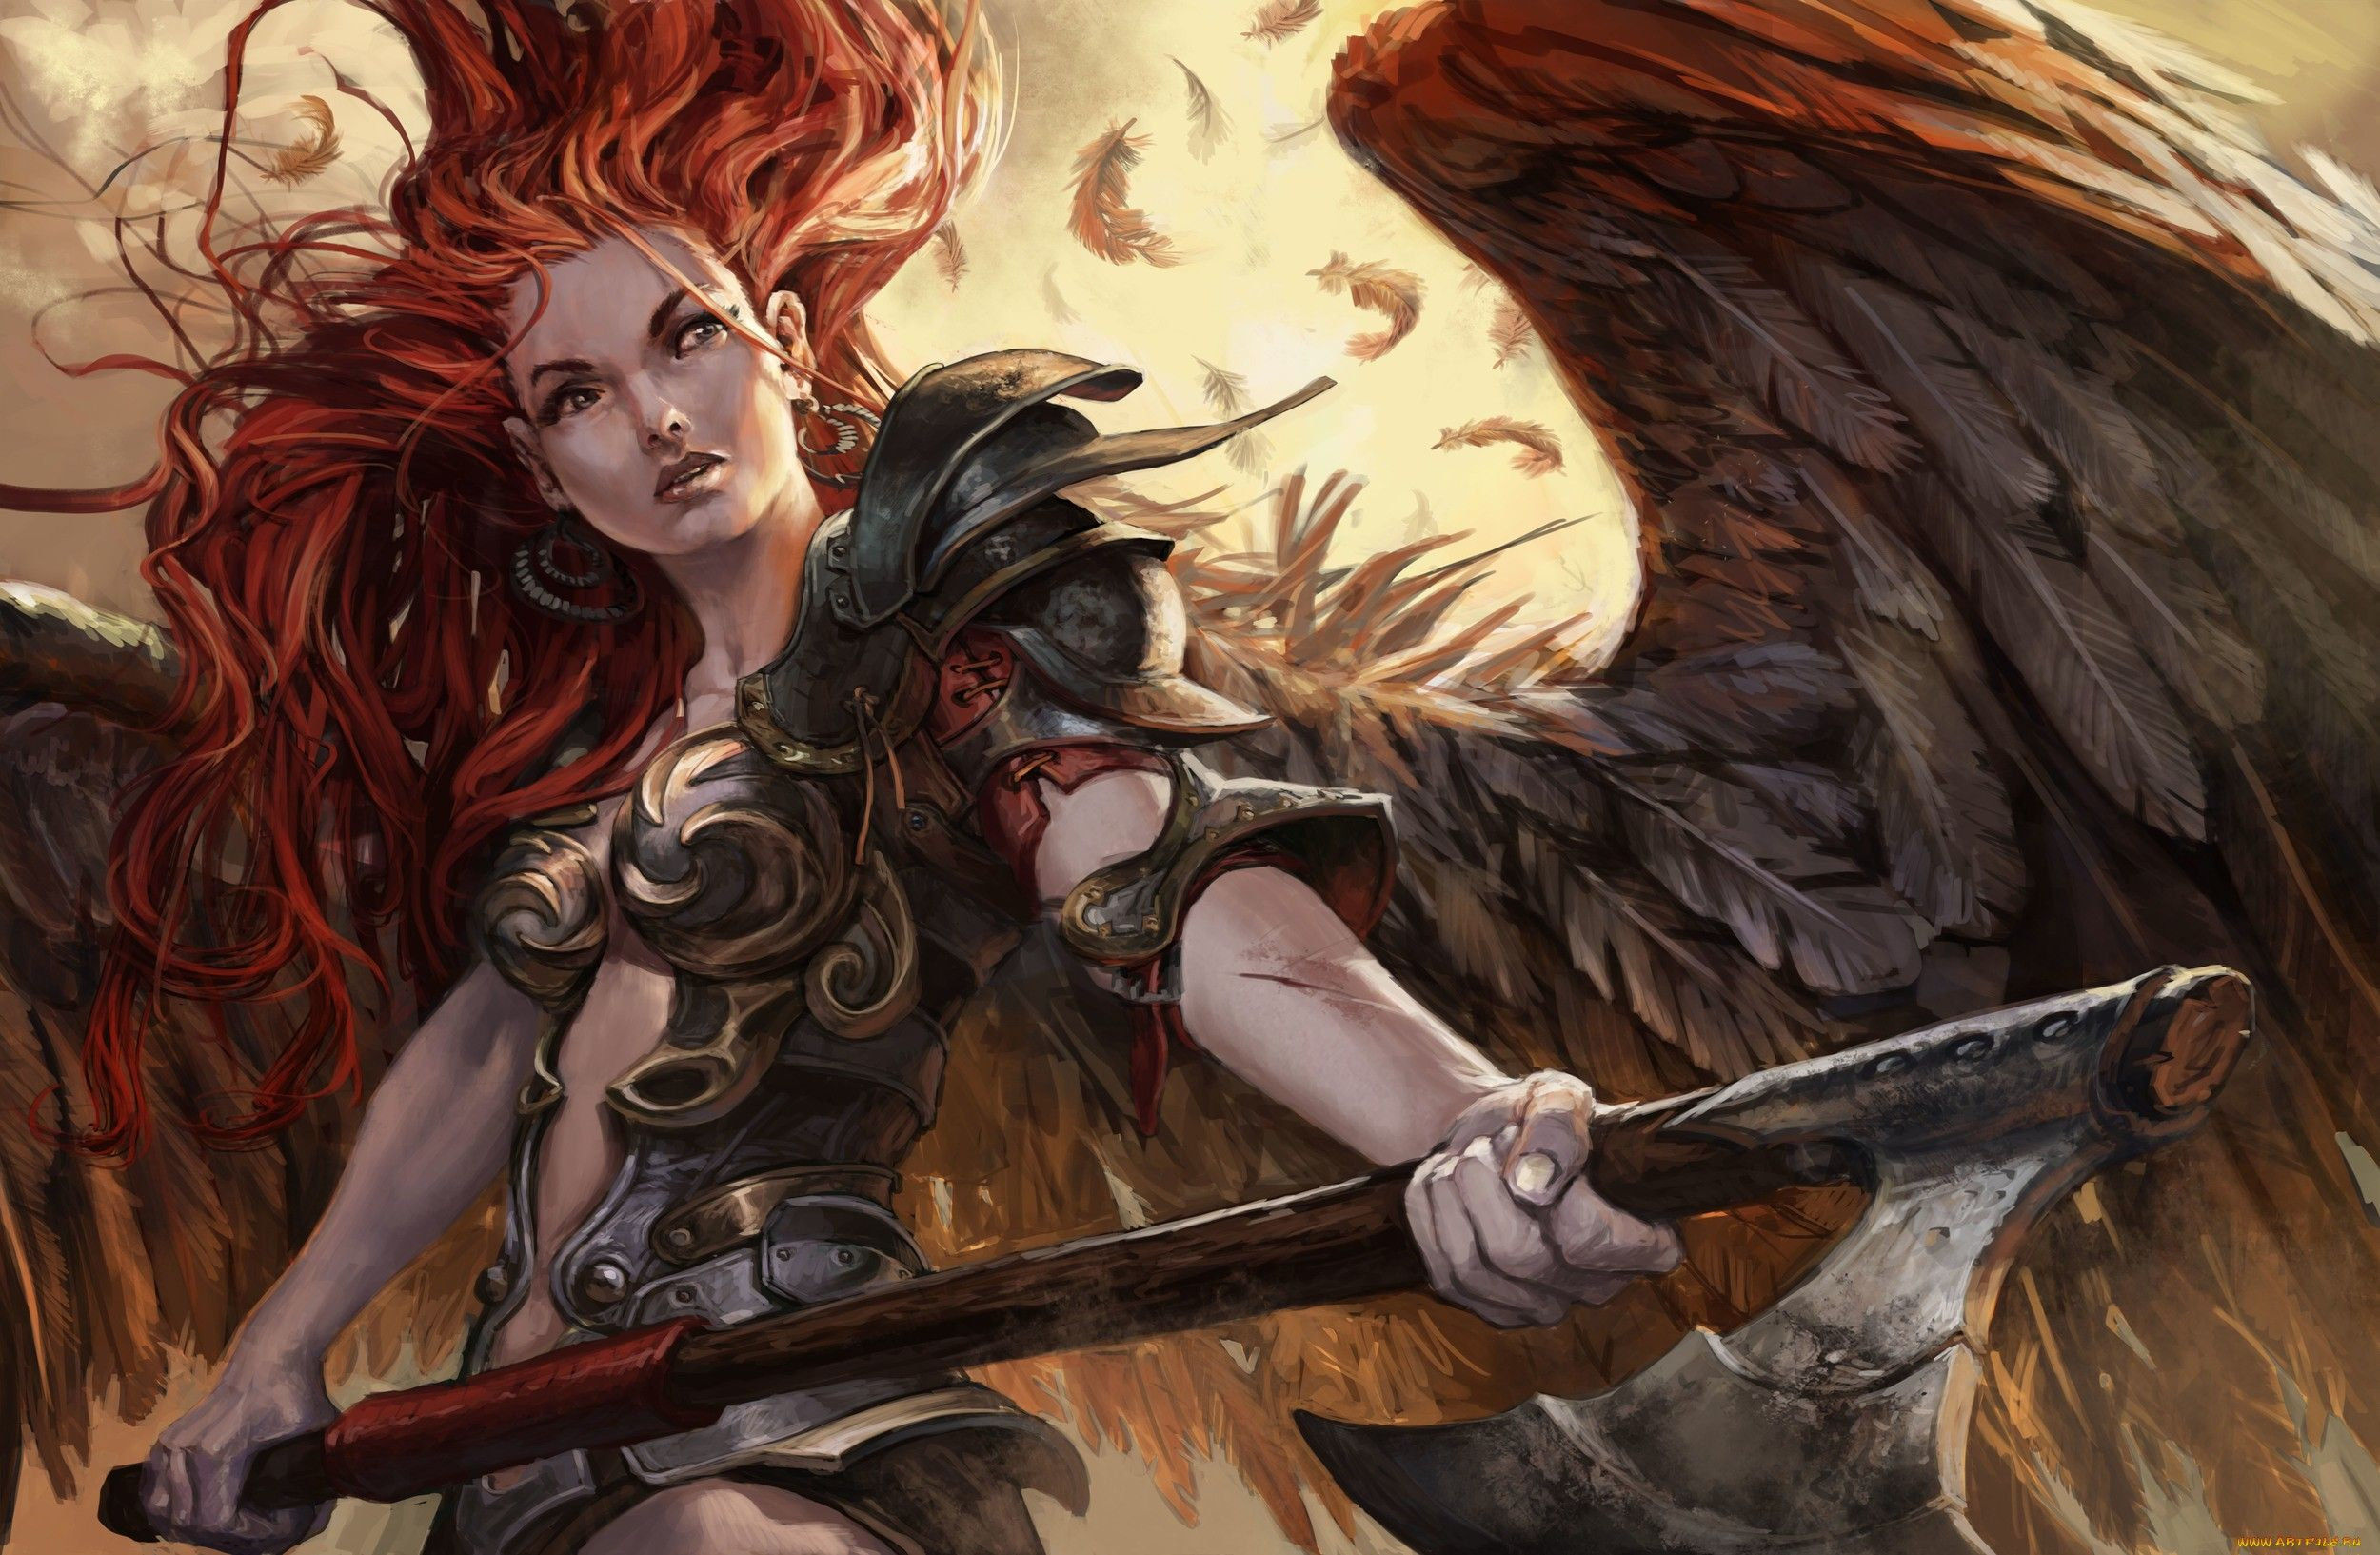 Red Head Angel Fantasy Warrior Fantasy Art Angels Fantasy Art Fantasy Girl